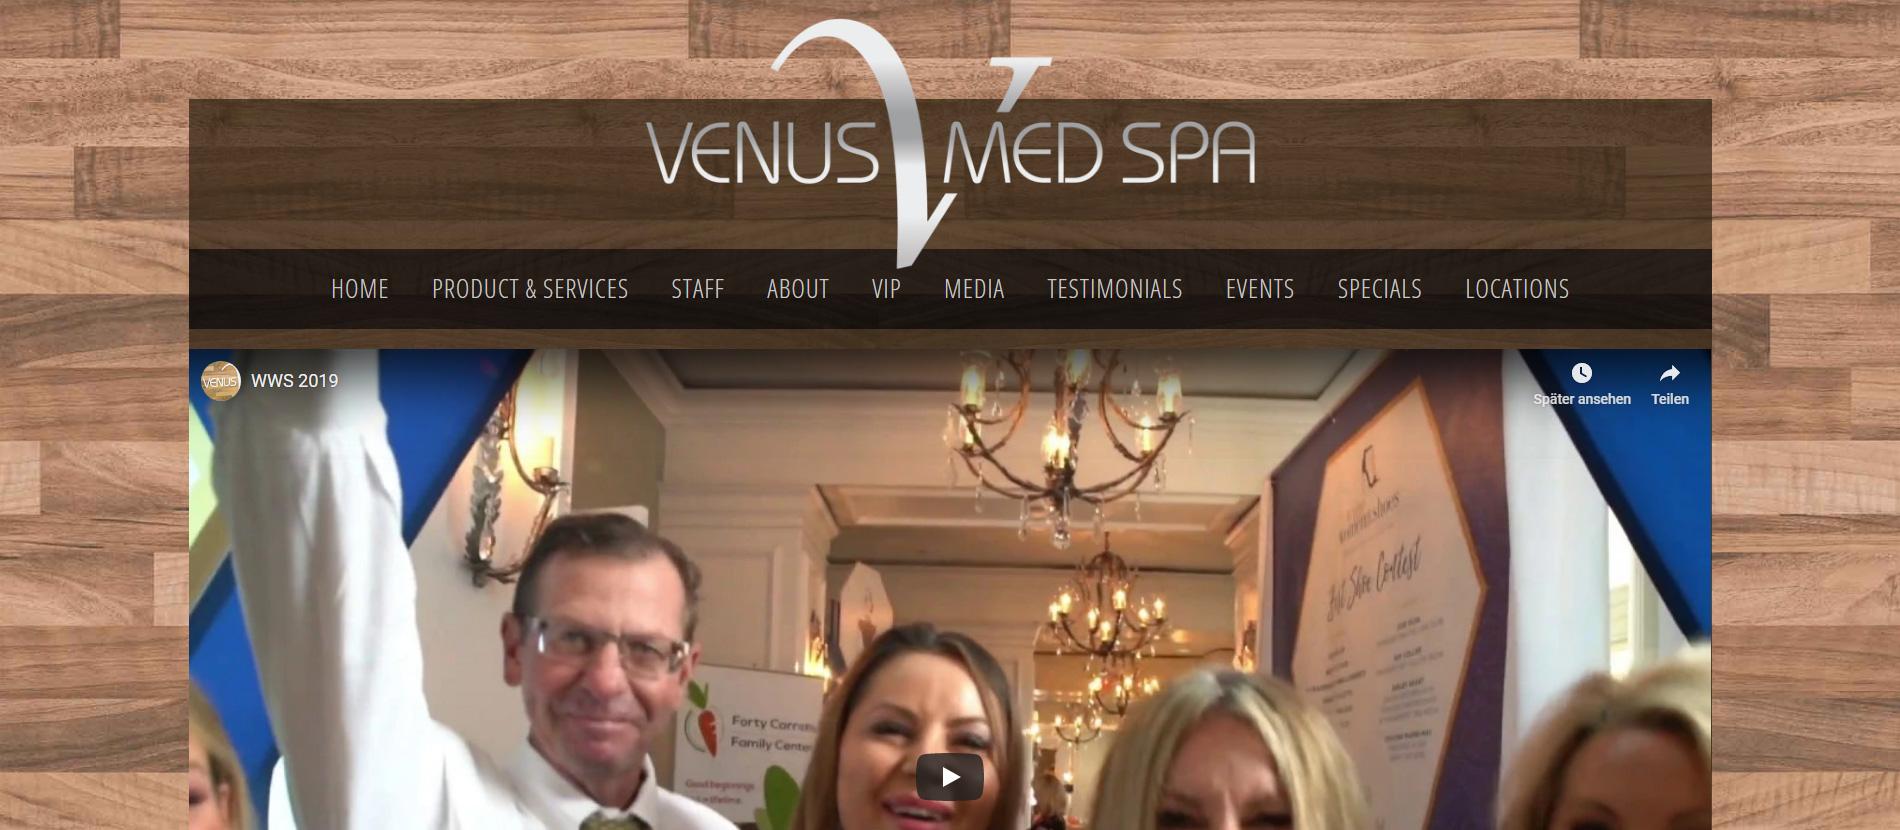 Venus Med Spa